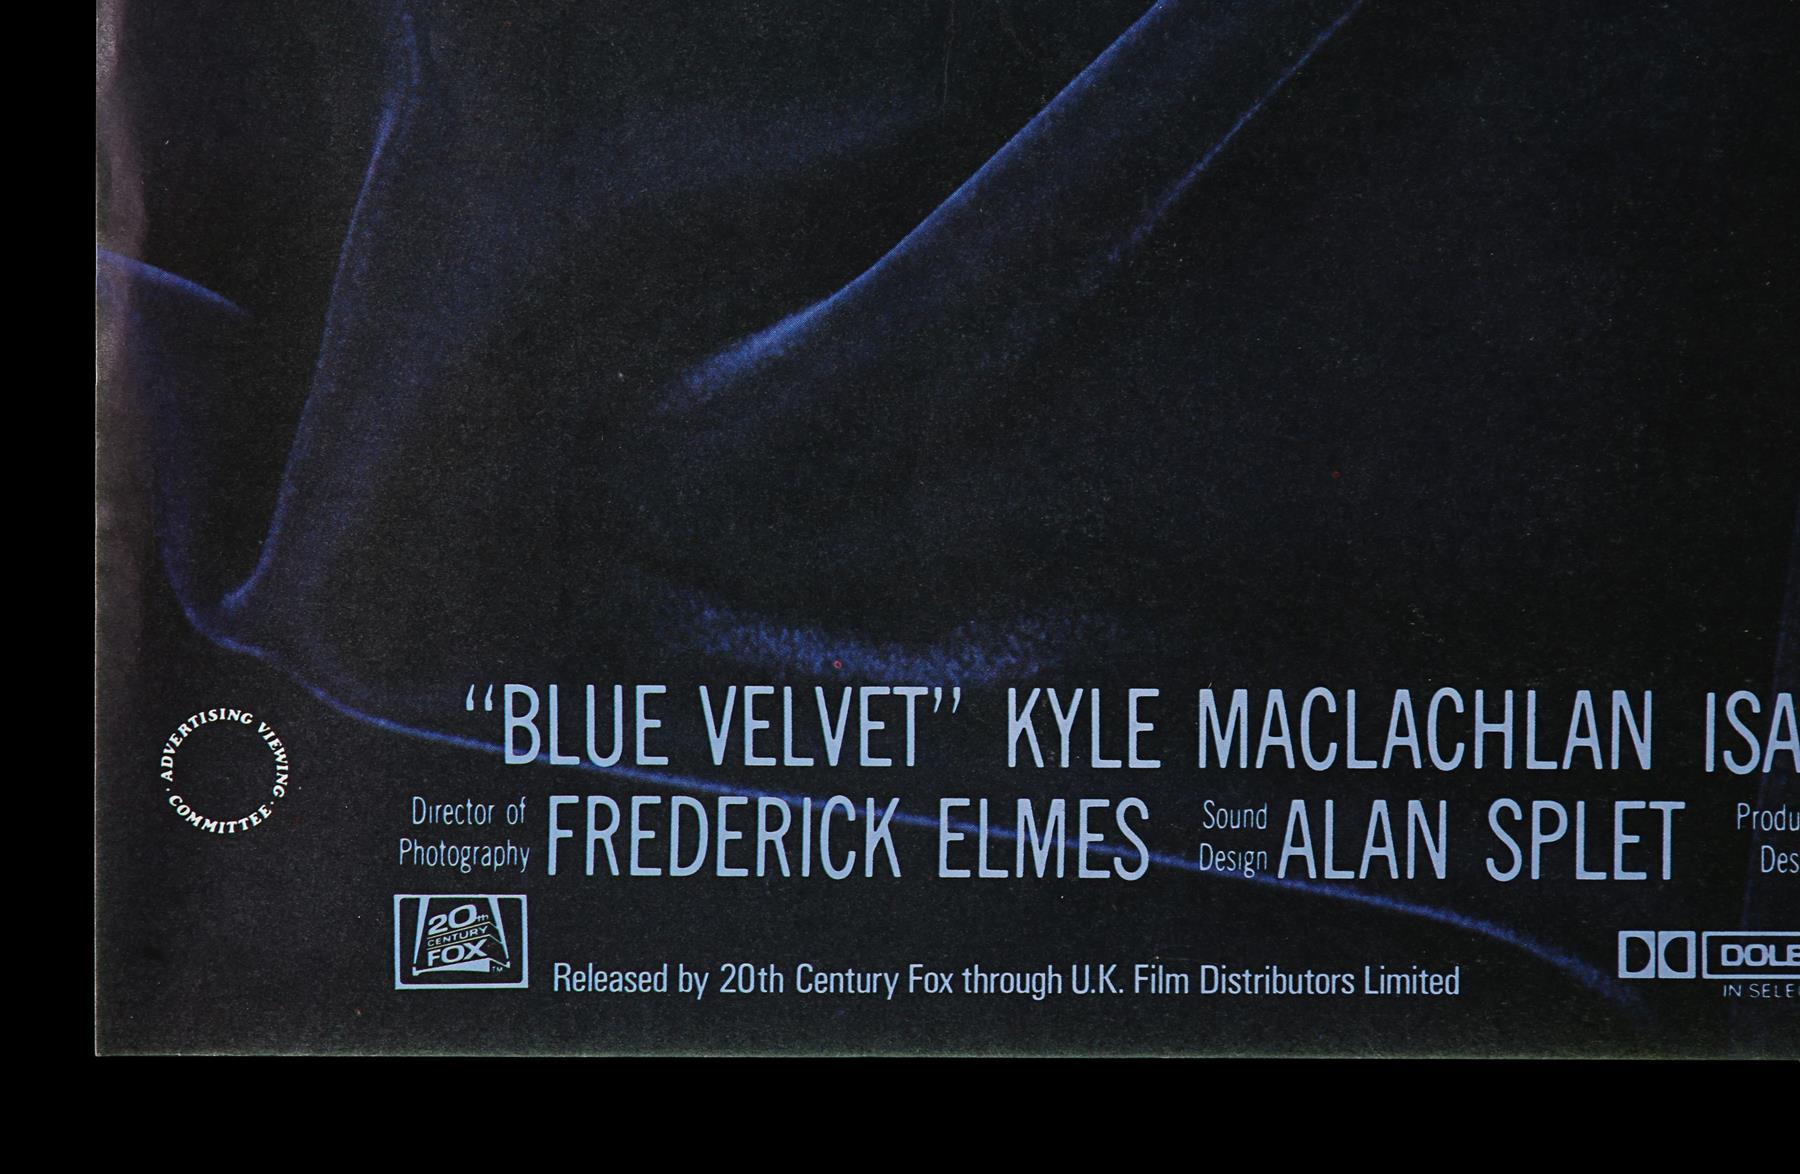 BLUE VELVET (1986) - UK Quad, 1986 - Image 5 of 6